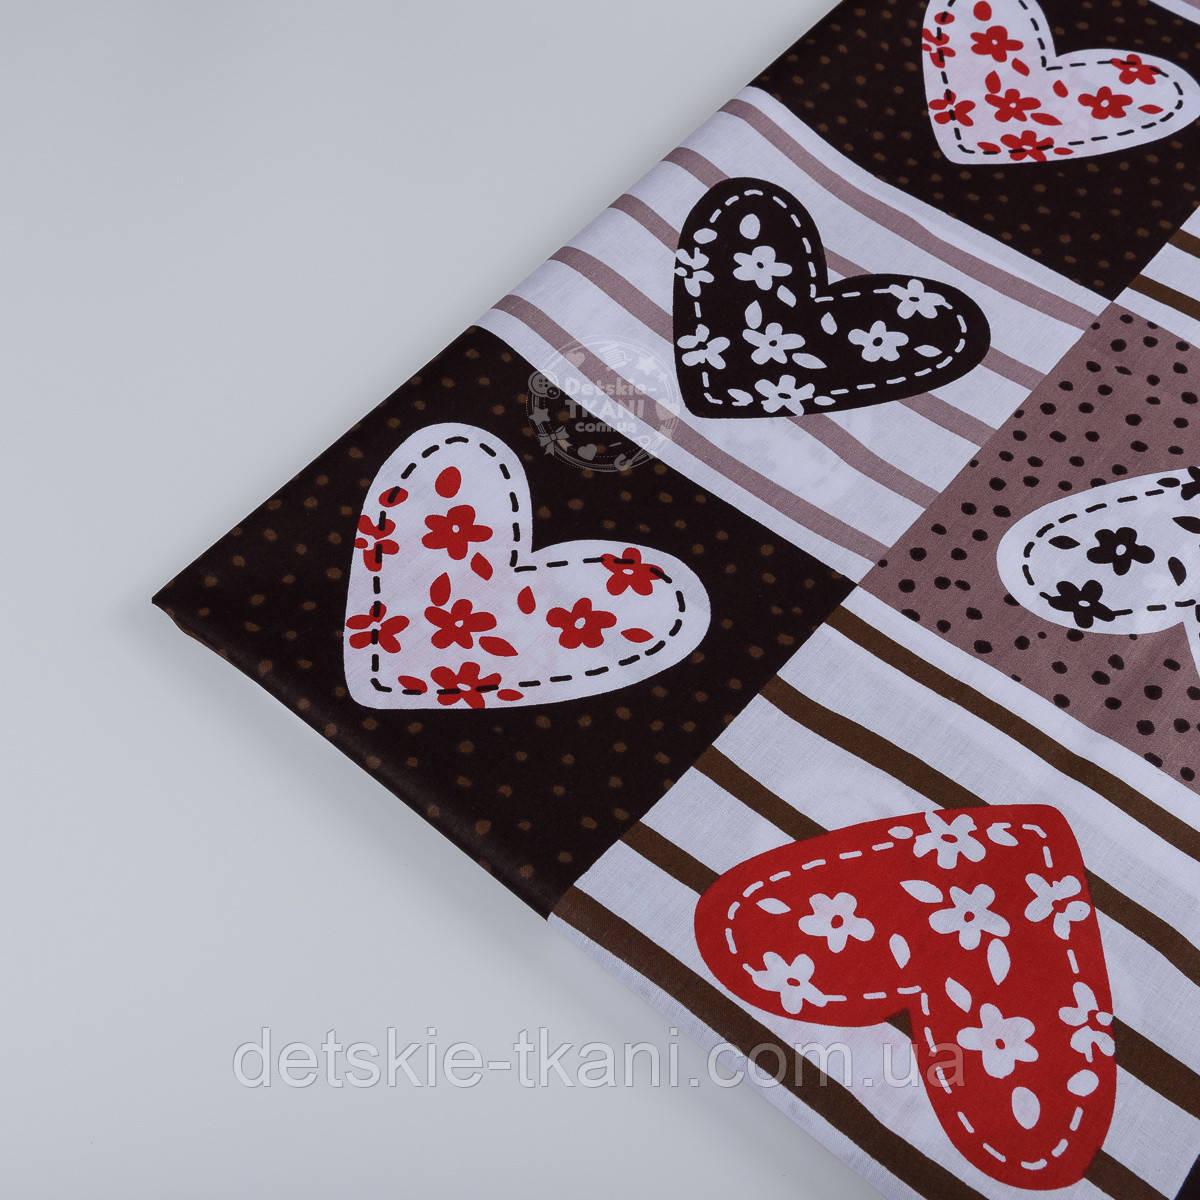 Лоскут ткани №408а  красно-коричневого цвета с сердцами в квадратах